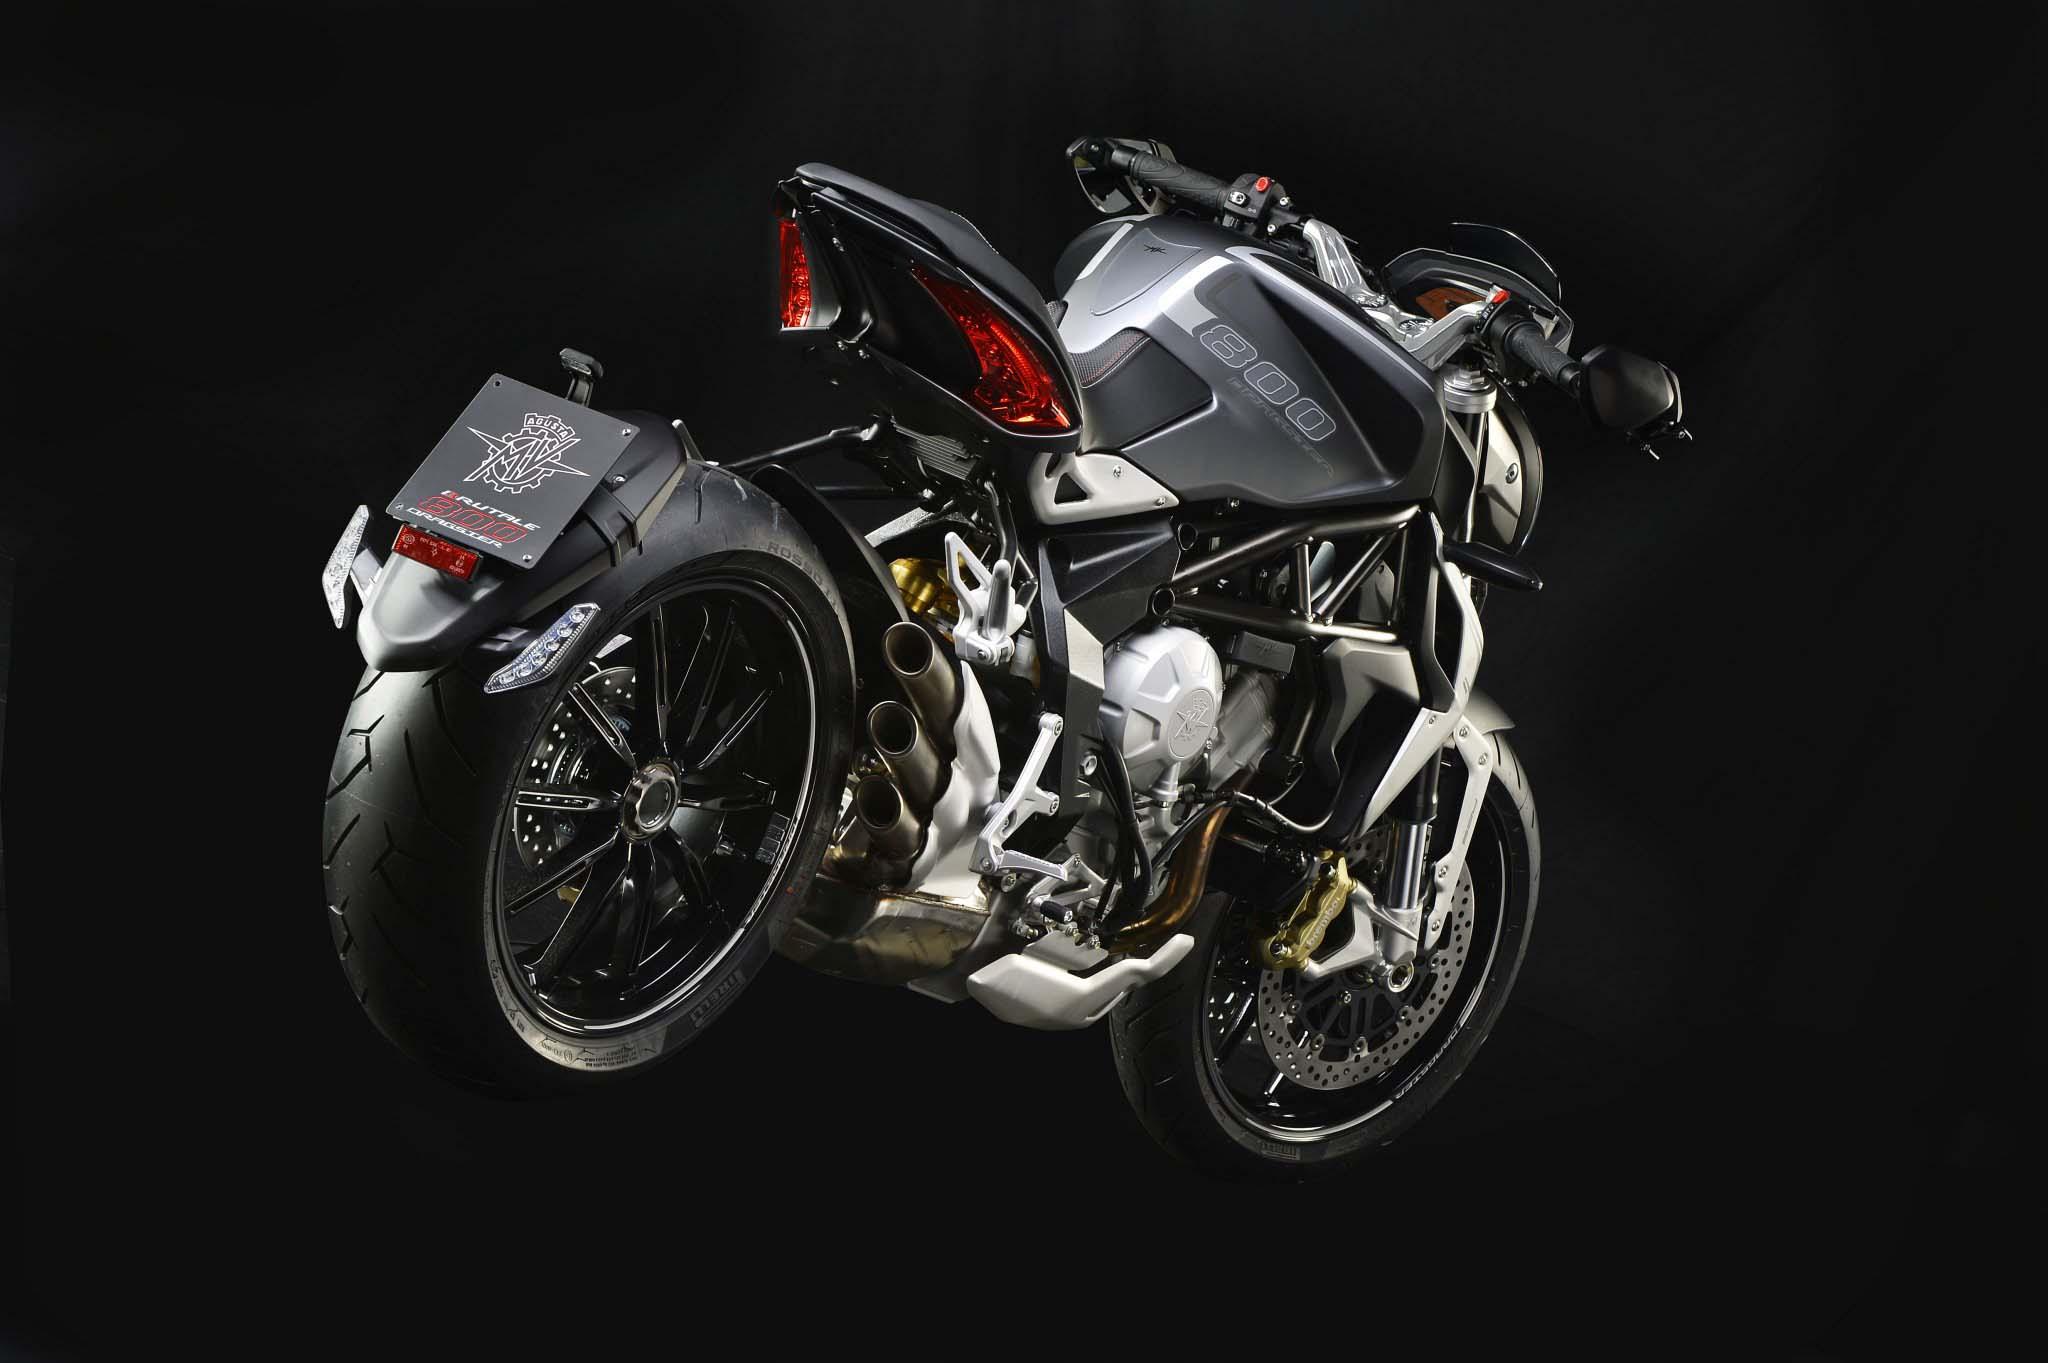 mv-agusta-brutale-dragster-800-12.jpg